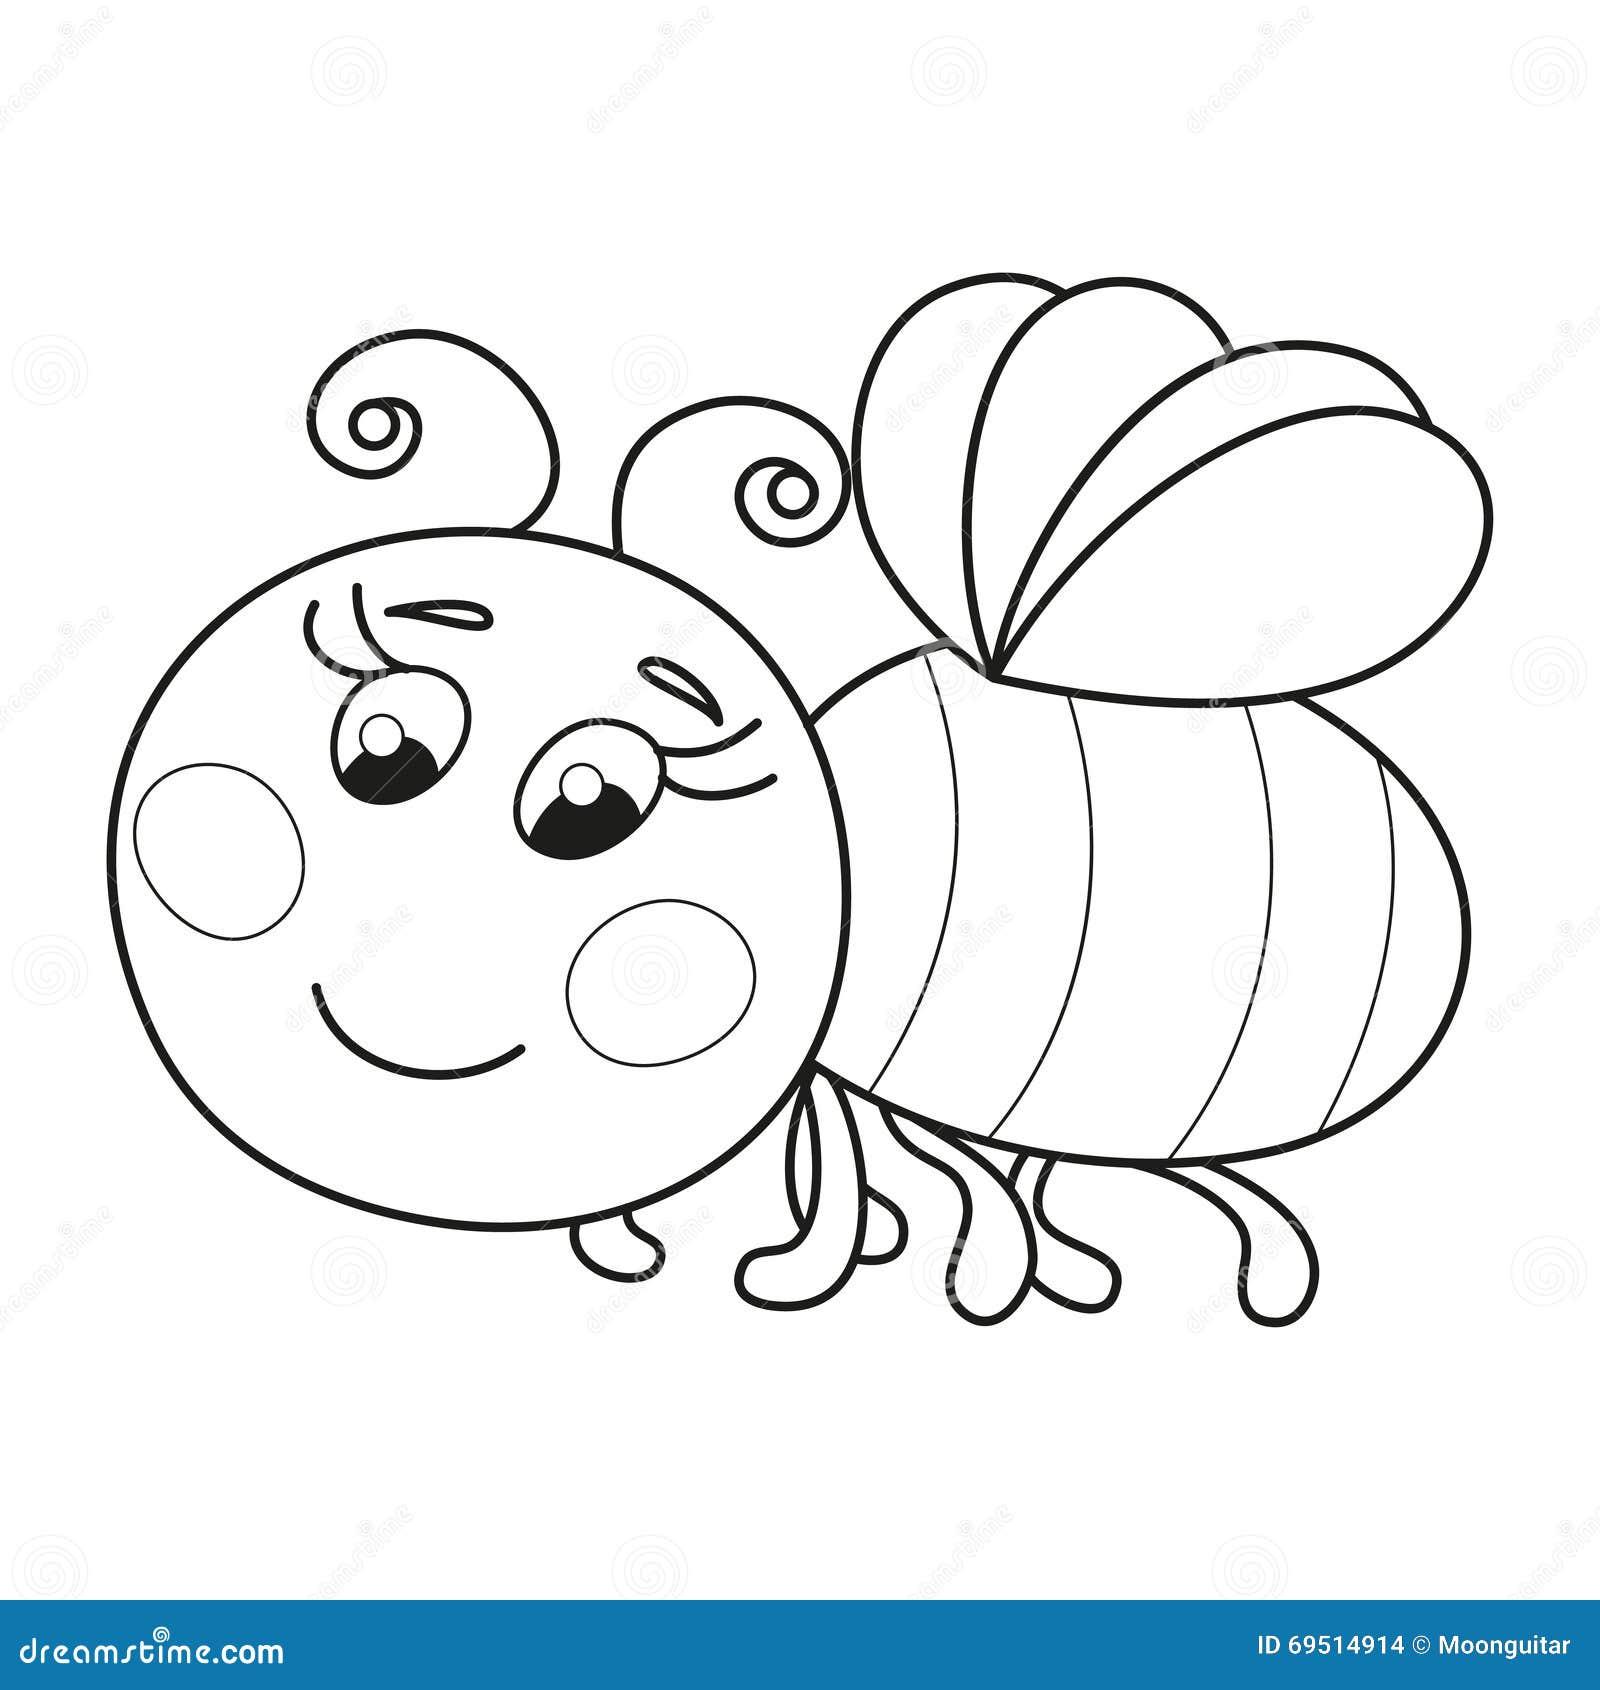 voo corado engra u00e7ado bonito da abelha  p u00e1gina do livro para colorir ilustra u00e7 u00e3o do vetor